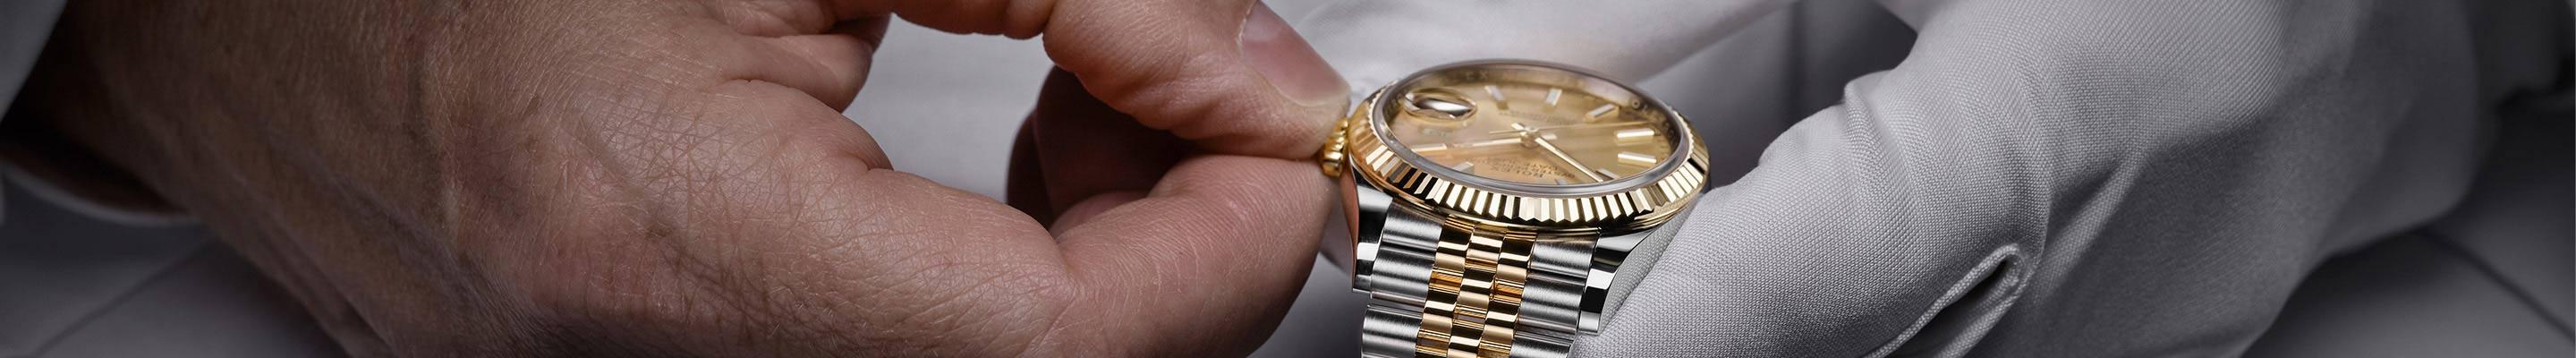 Cabecera del Servicio Técnico de Rolex